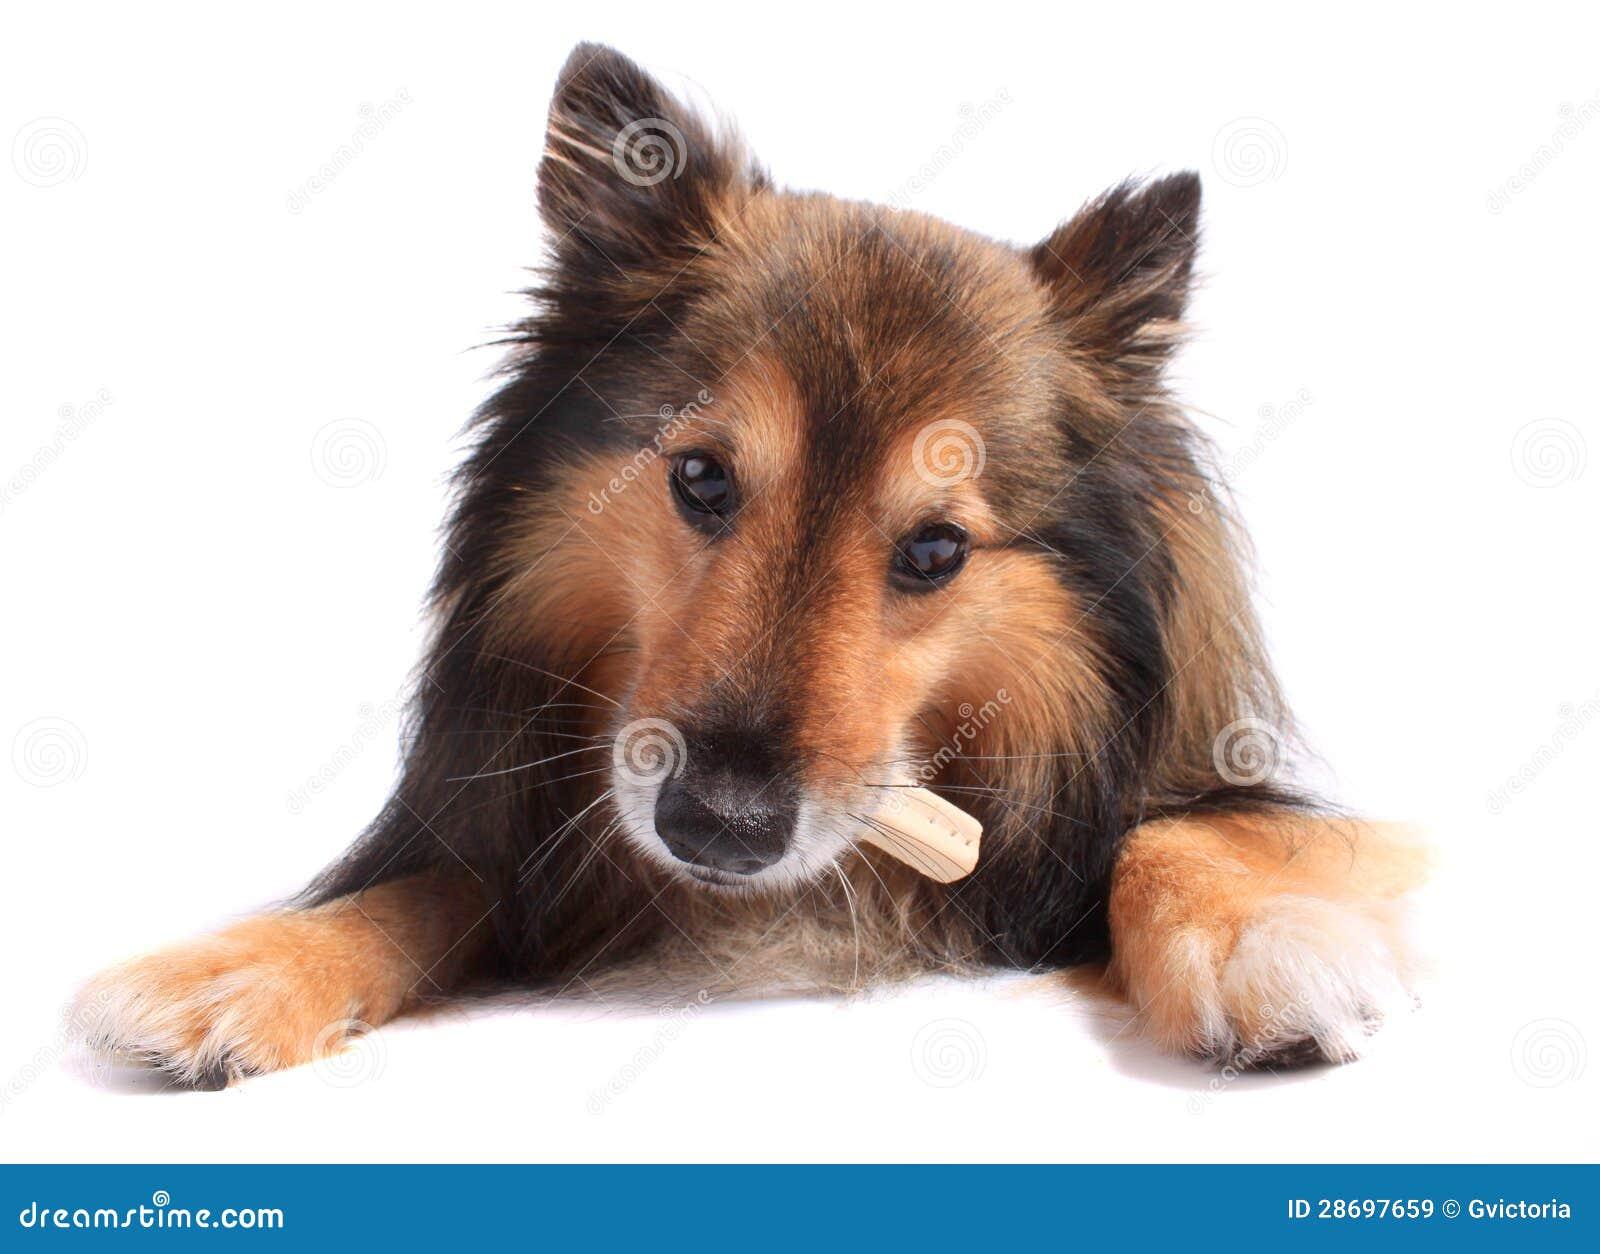 Cane che mangia ossequio o osso immagine stock immagine di canino background 28697659 - Cane che mangia a tavola ...